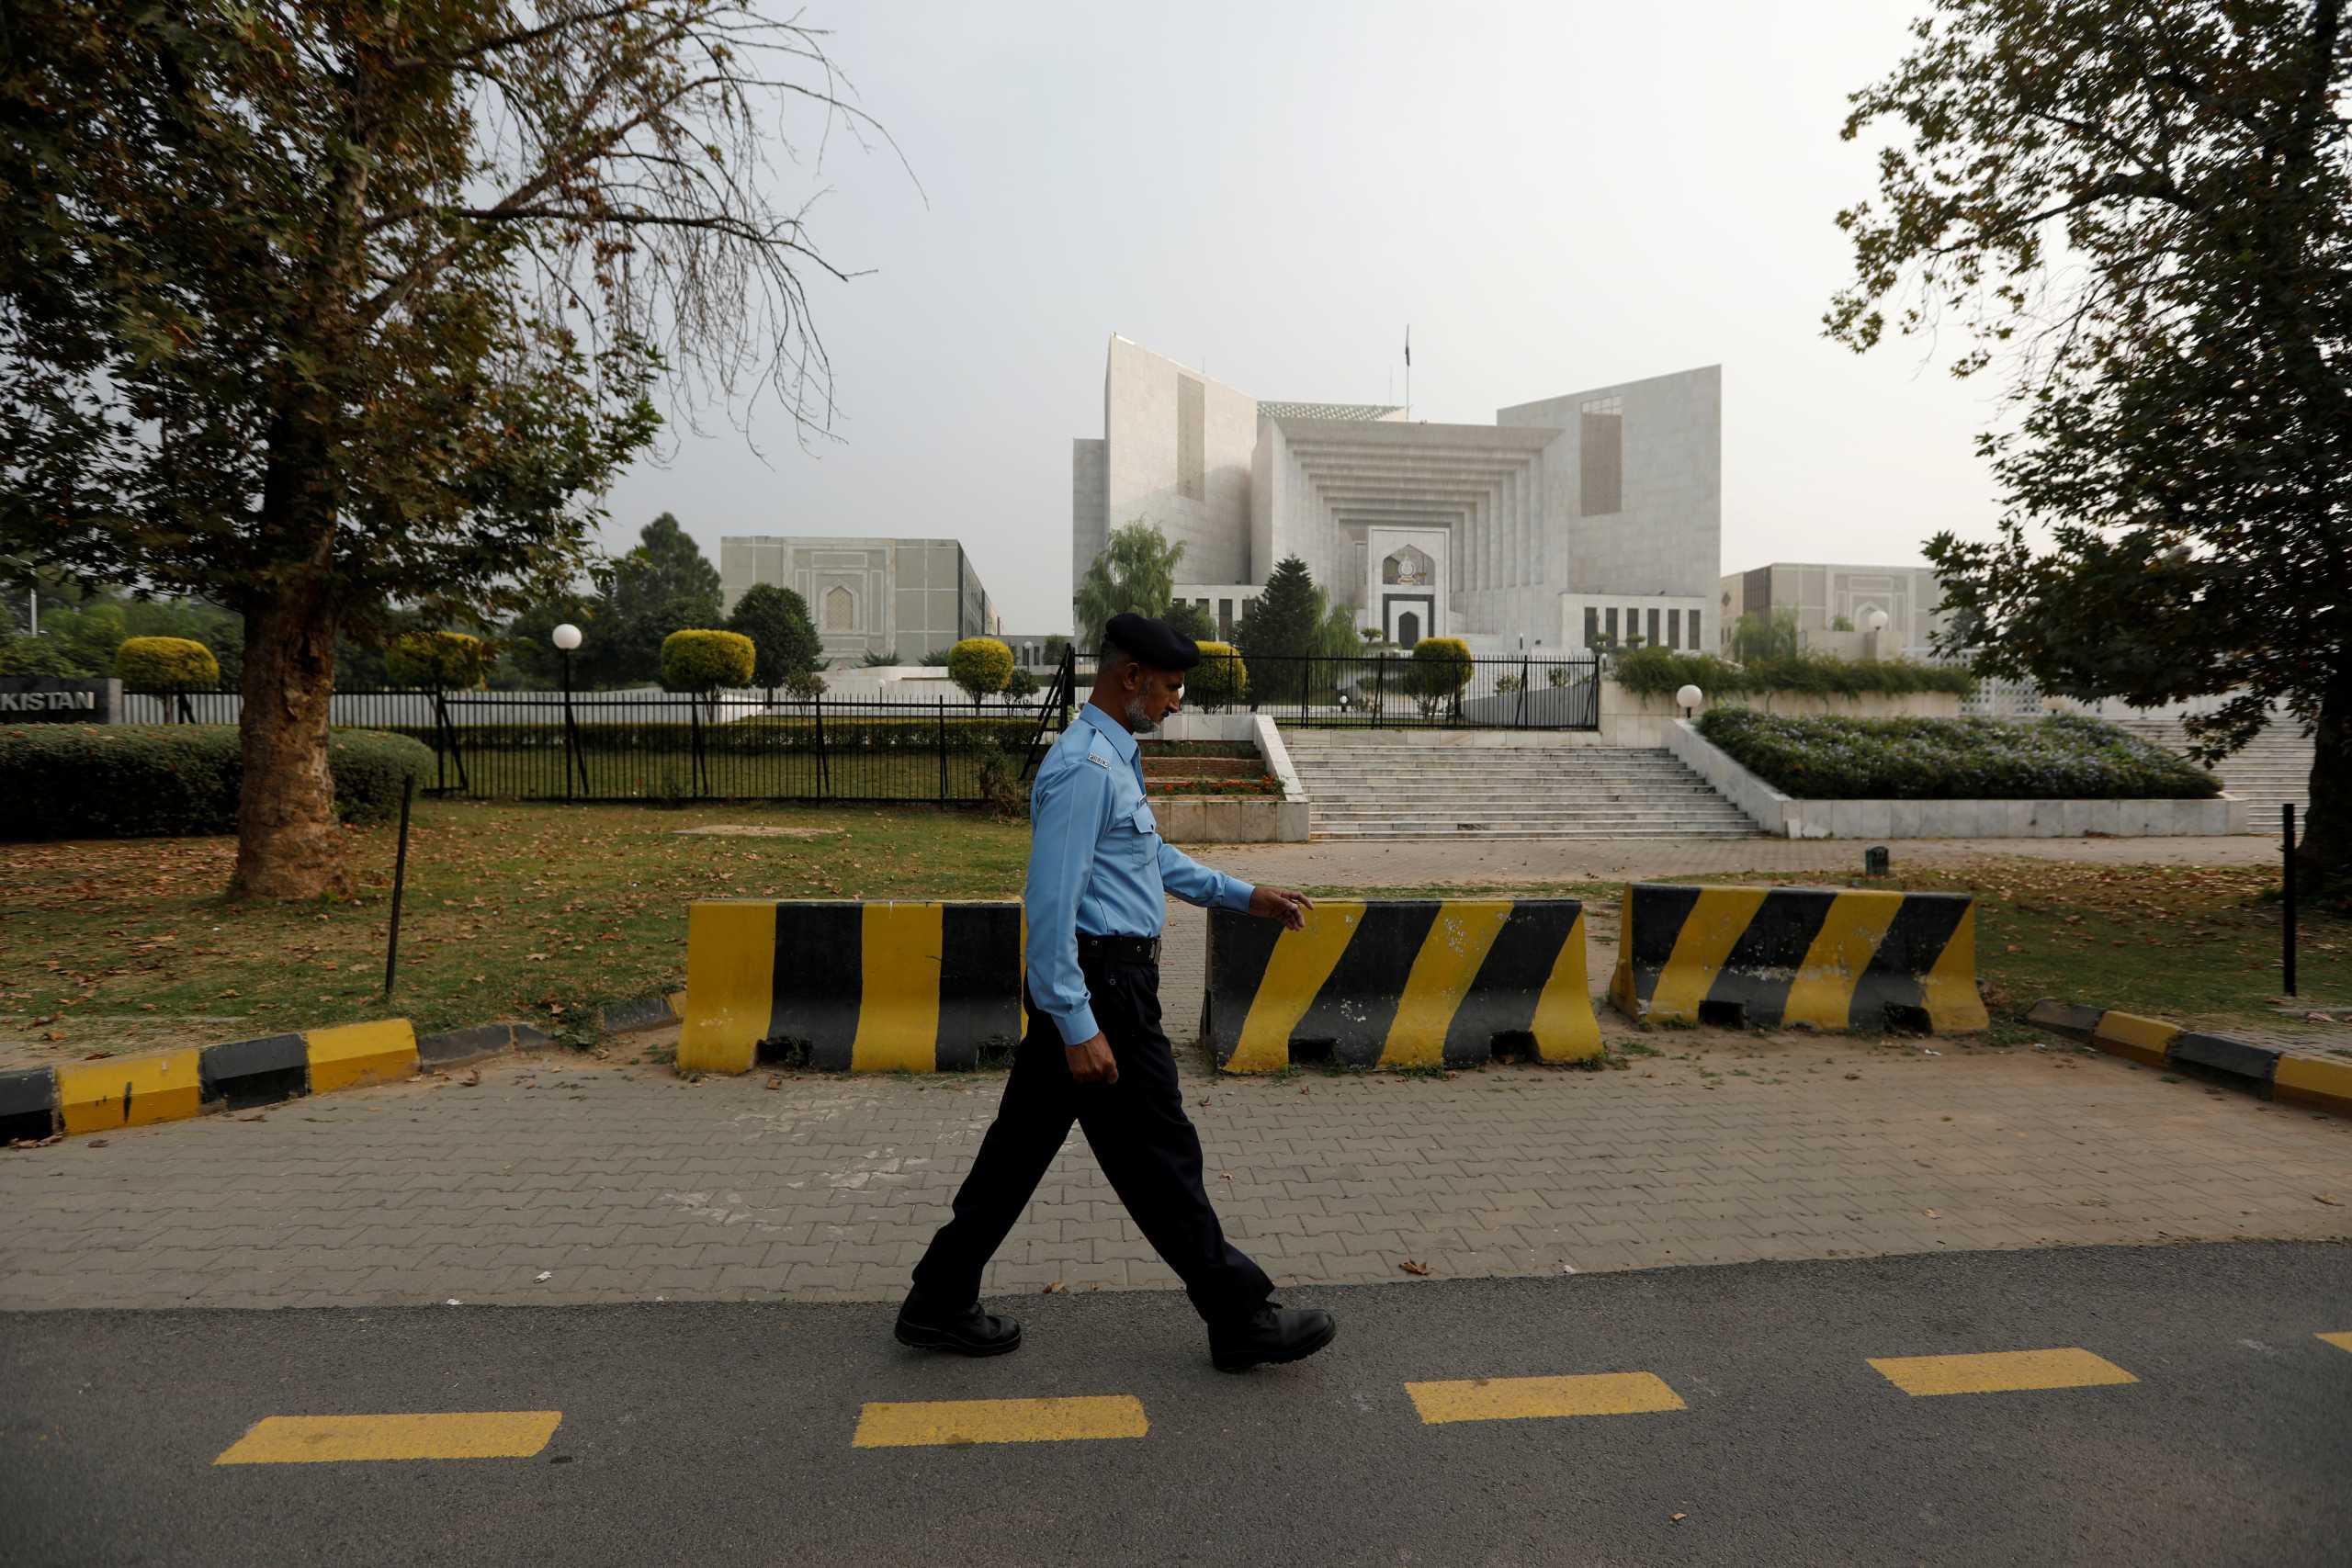 Το Πακιστάν προσέφυγε στο Ανώτατο Δικαστήριο κατά της απελευθέρωσης ισλαμιστή που αποκεφάλισε Αμερικανό